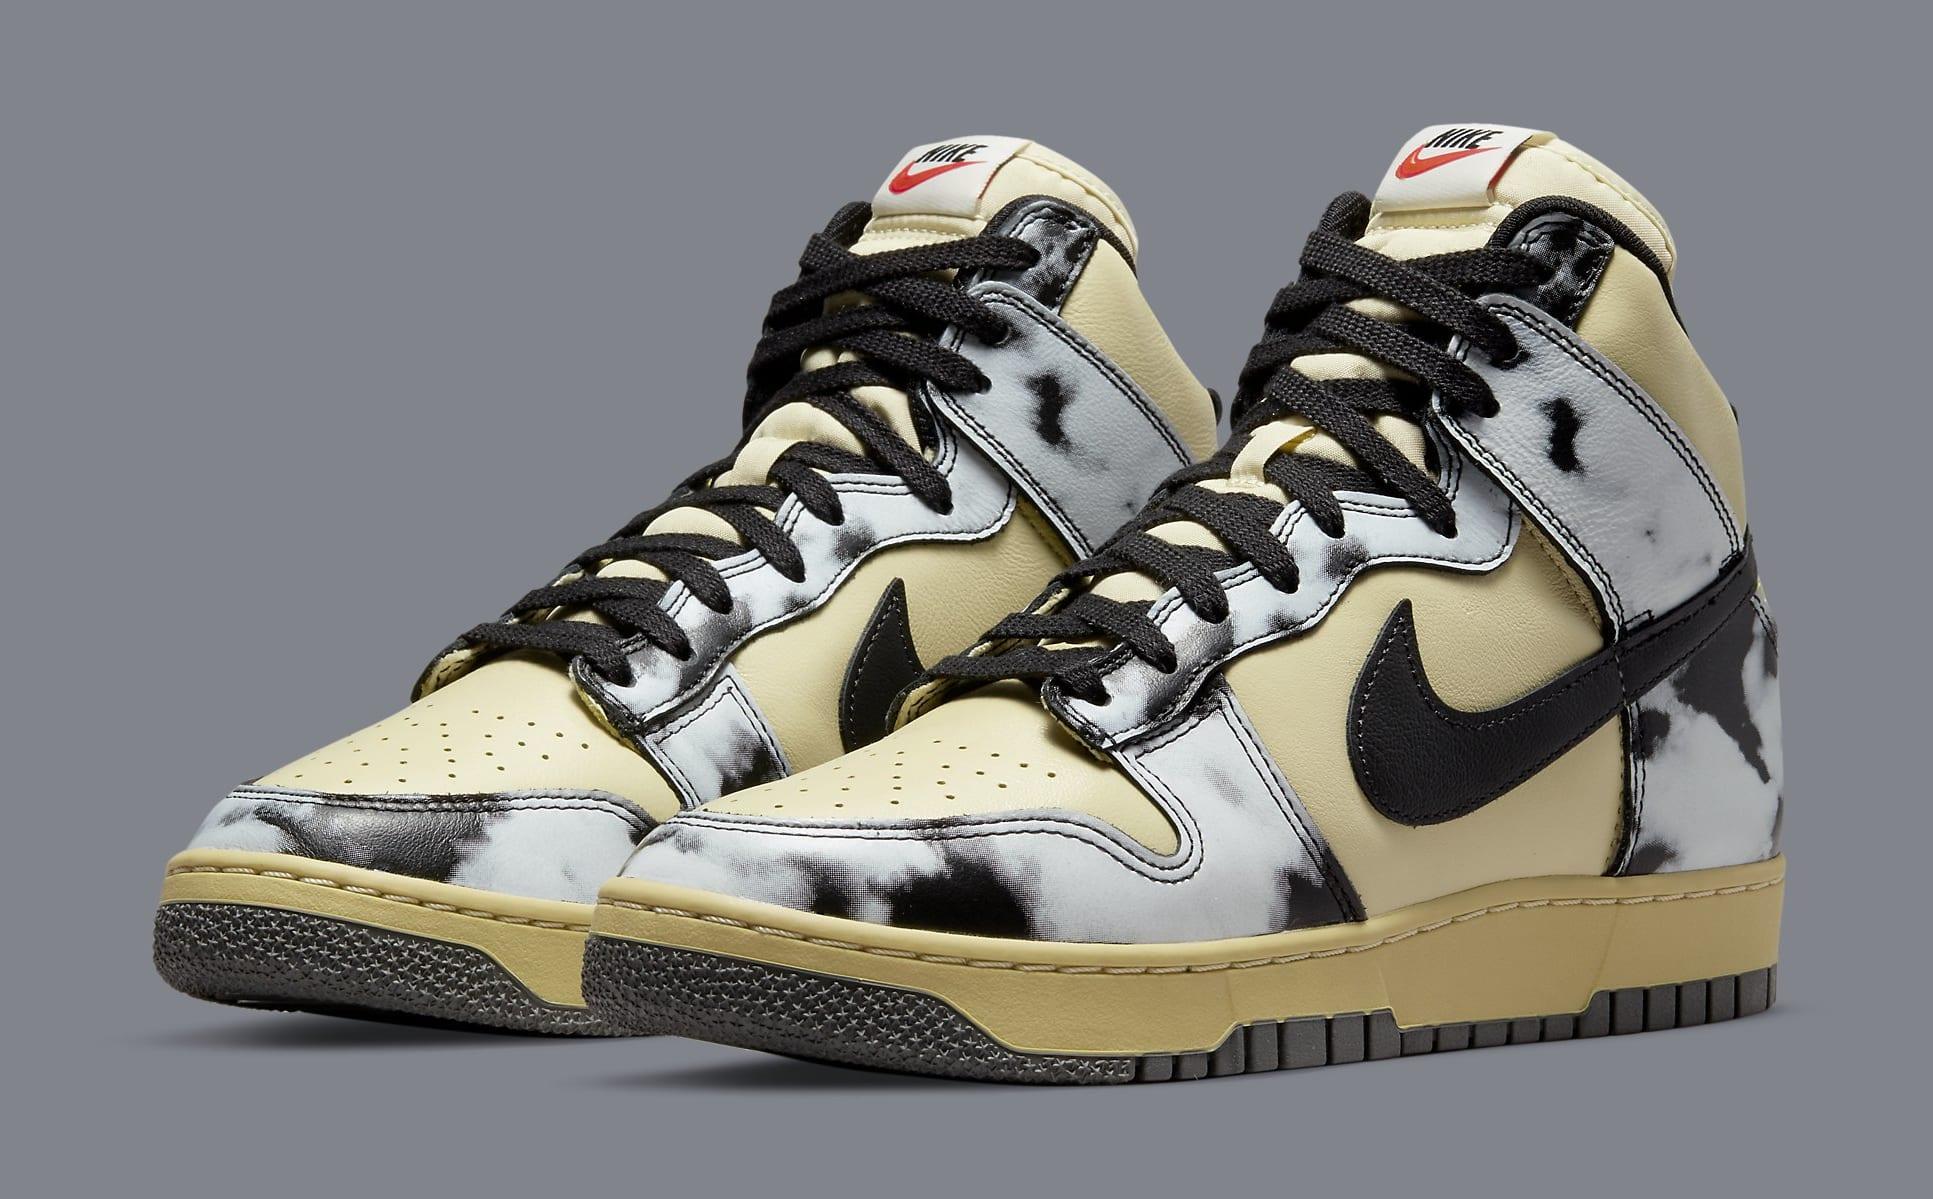 Nike Dunk High 'Acid Wash' DD9404-700 Pair